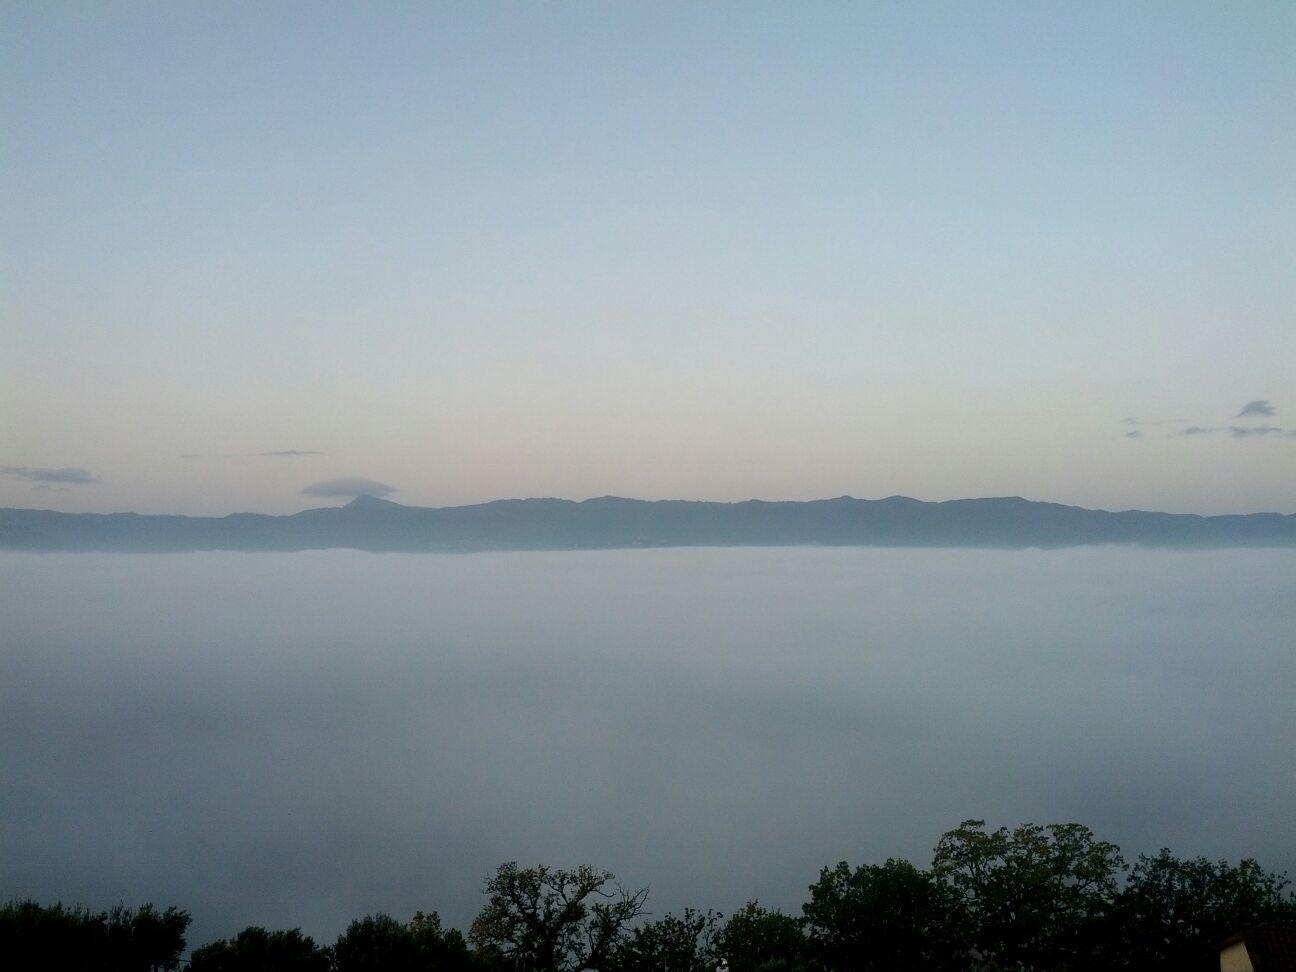 Nebbia in val padana? No nella valle del Crati!